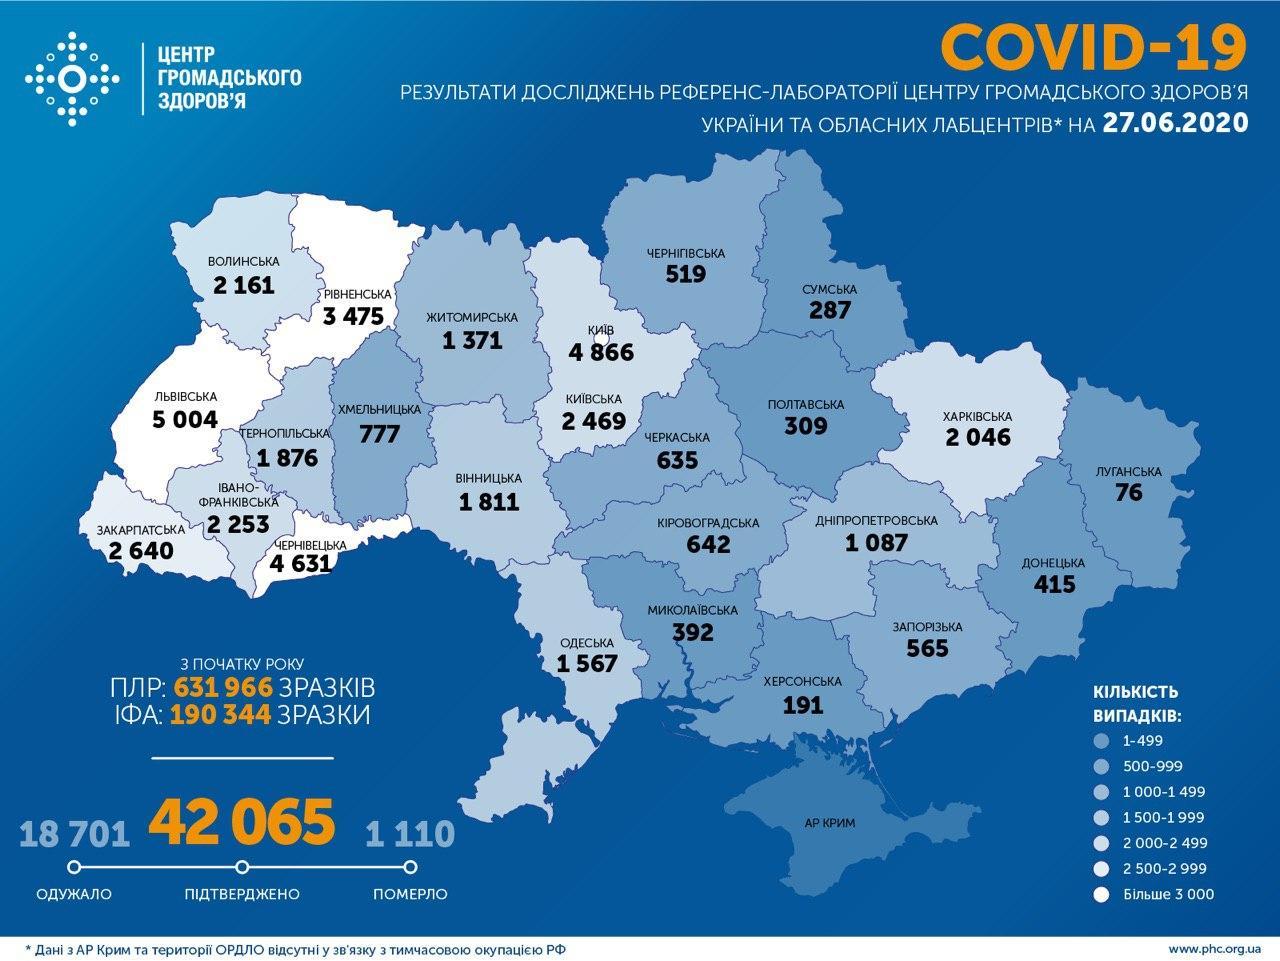 В Україні зафіксовано 42 065 випадків коронавірусу